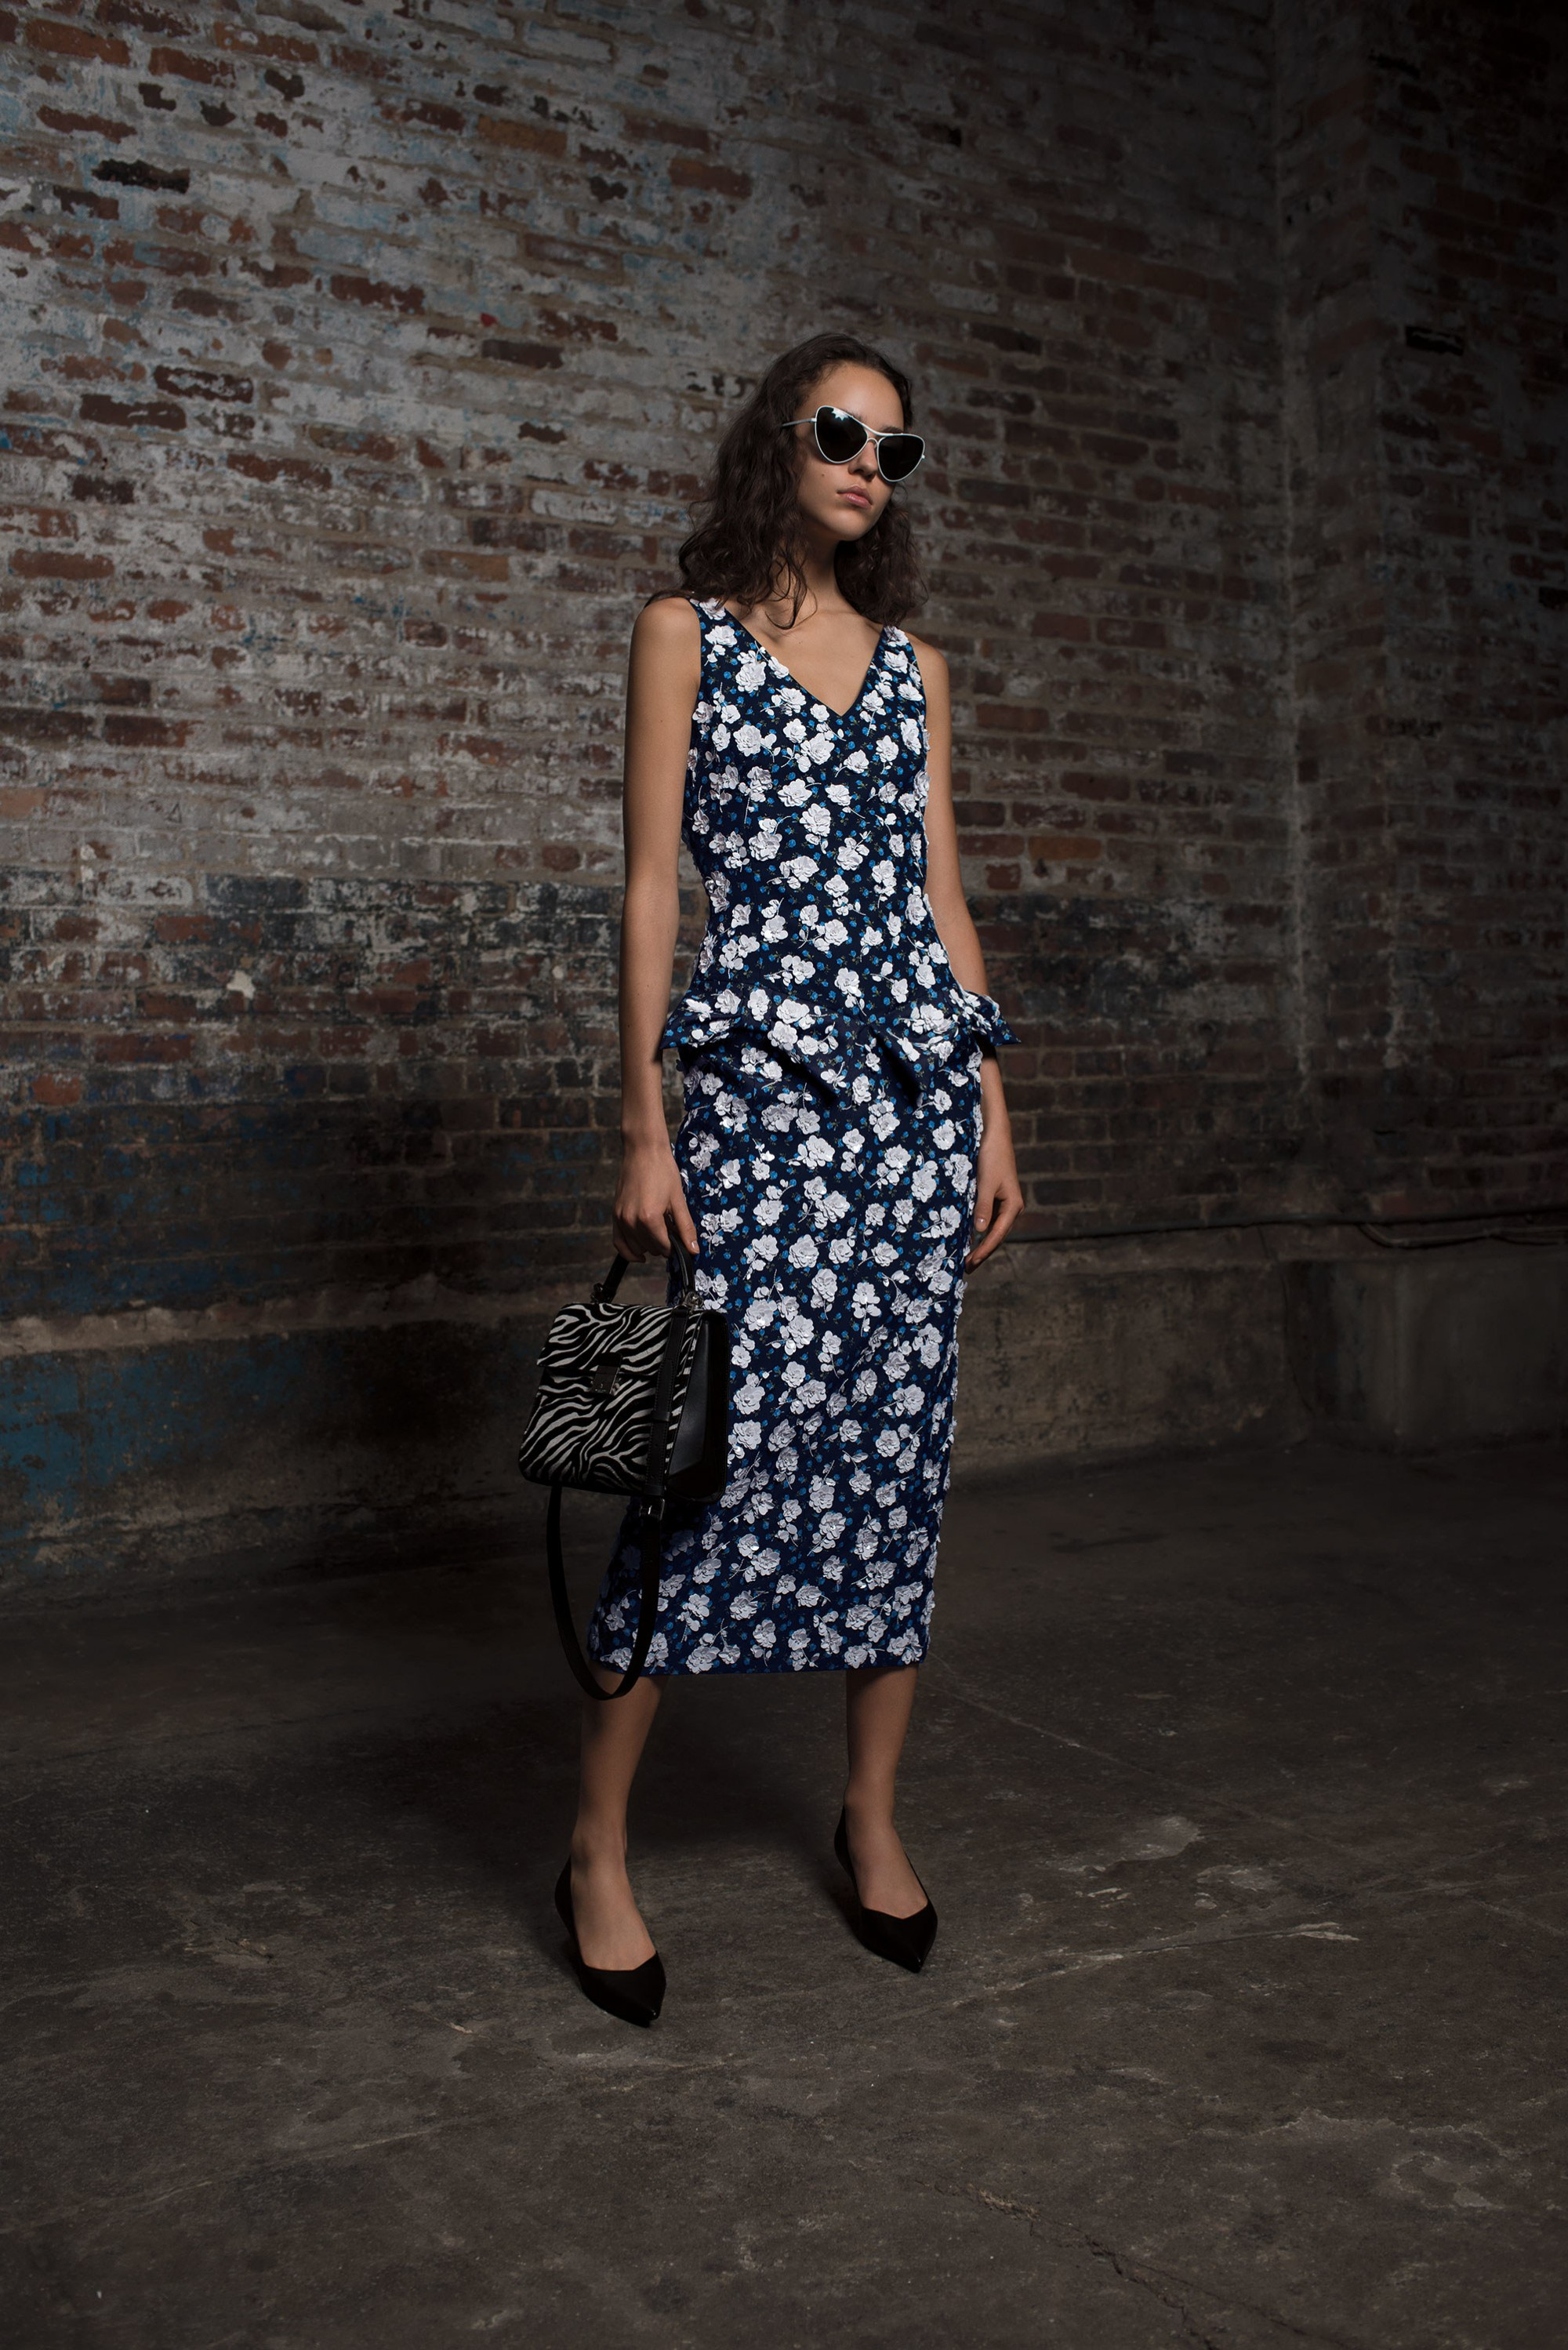 Michael Kors Collection удлиненное прямое платье черного цвета с белым цветочным принтом 2018-2019.